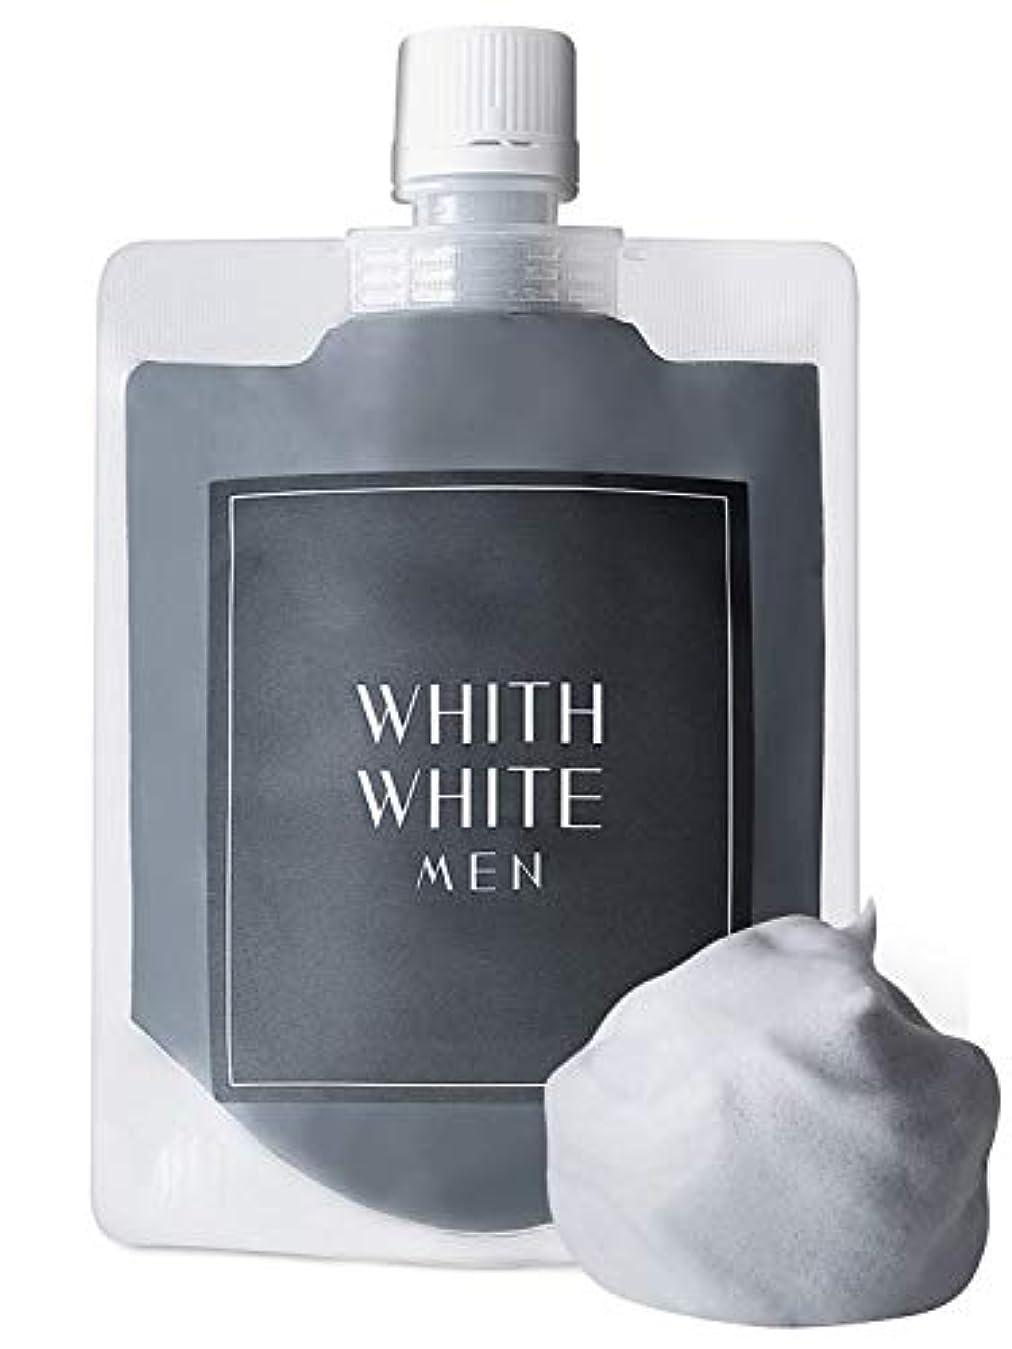 壮大なベルこっそりフィス ホワイト メンズ 泥 洗顔 ネット 付き 8つの 無添加 洗顔フォーム (炭 泡 クレイ で 顔 汚れ を 落とす) (日本製 洗顔料 130g リッチ セット)(どろ で 毛穴 を ごっそり 除去)